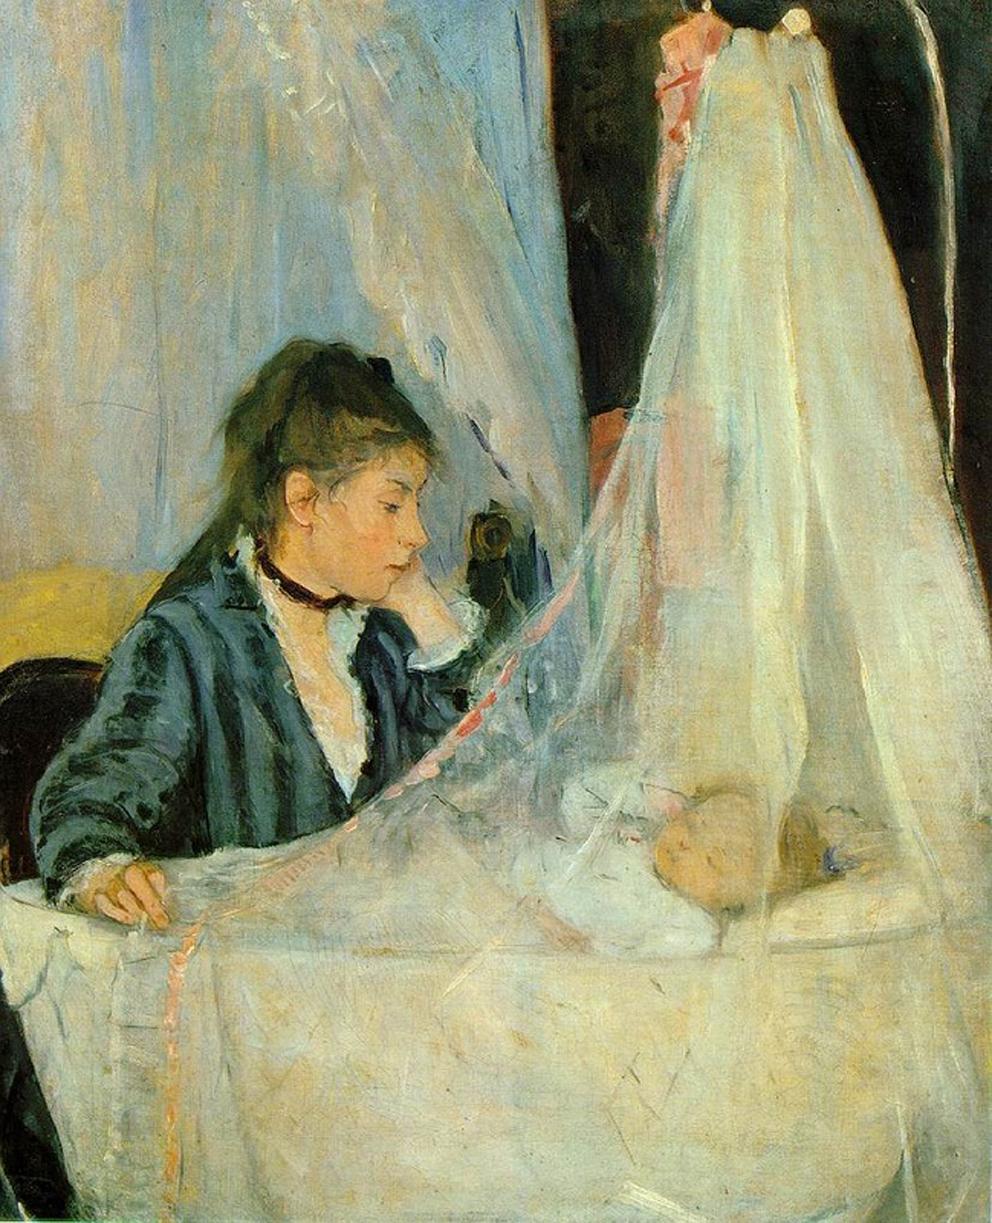 Berthe Morisot, La culla, 1872